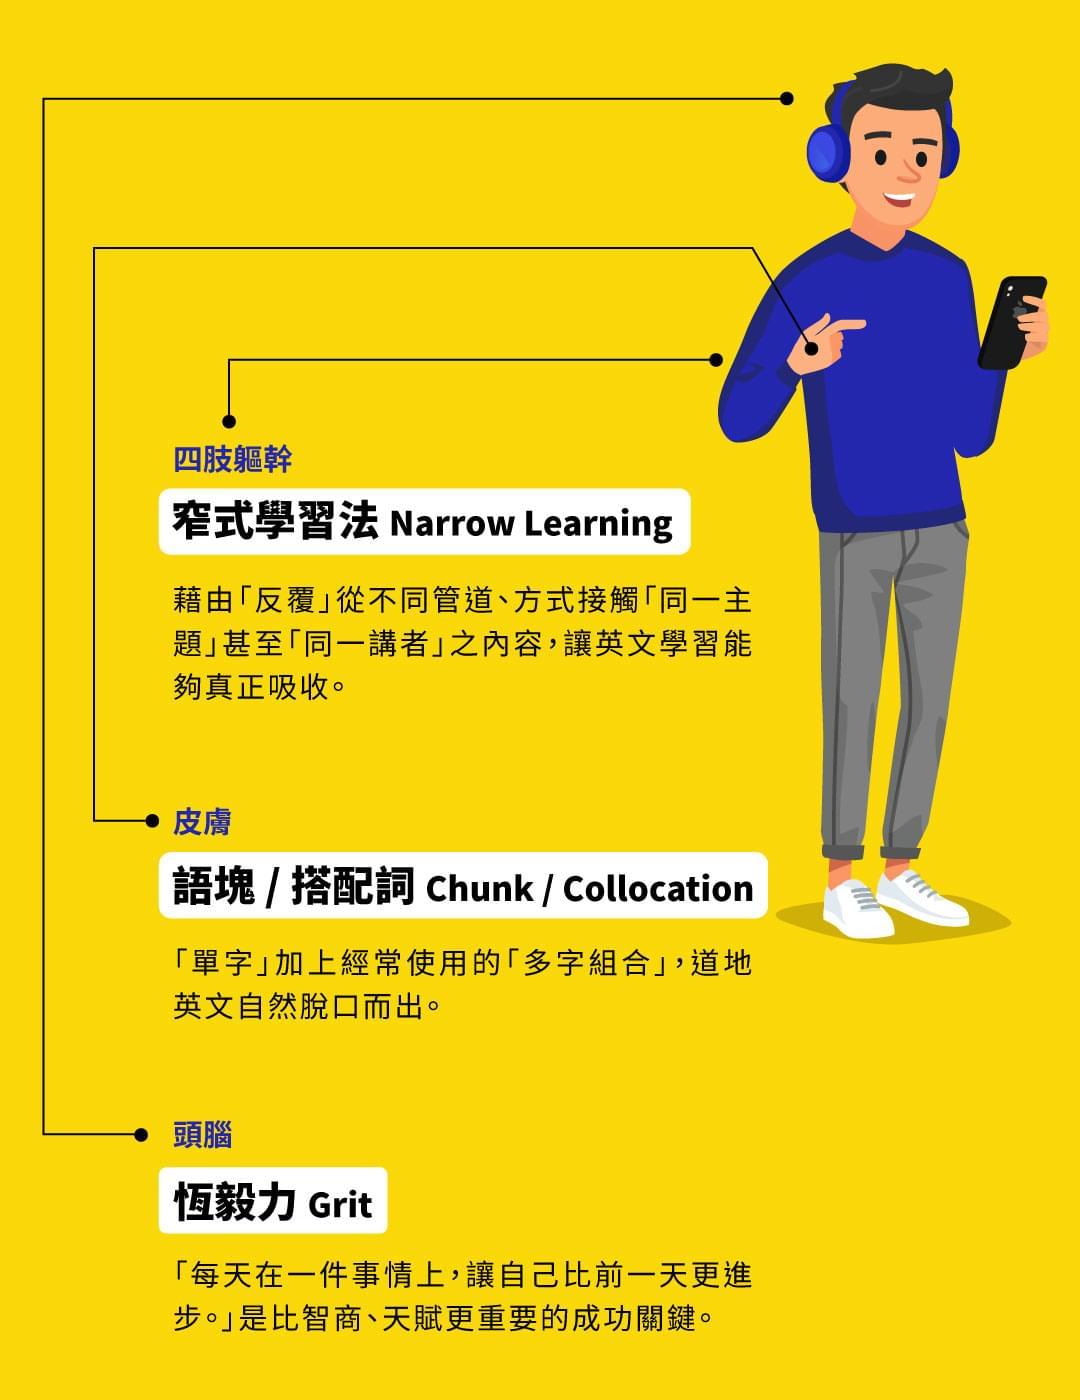 創勝文教 王梓沅 8 小時建構英文語感力 - 母語者的學習模式